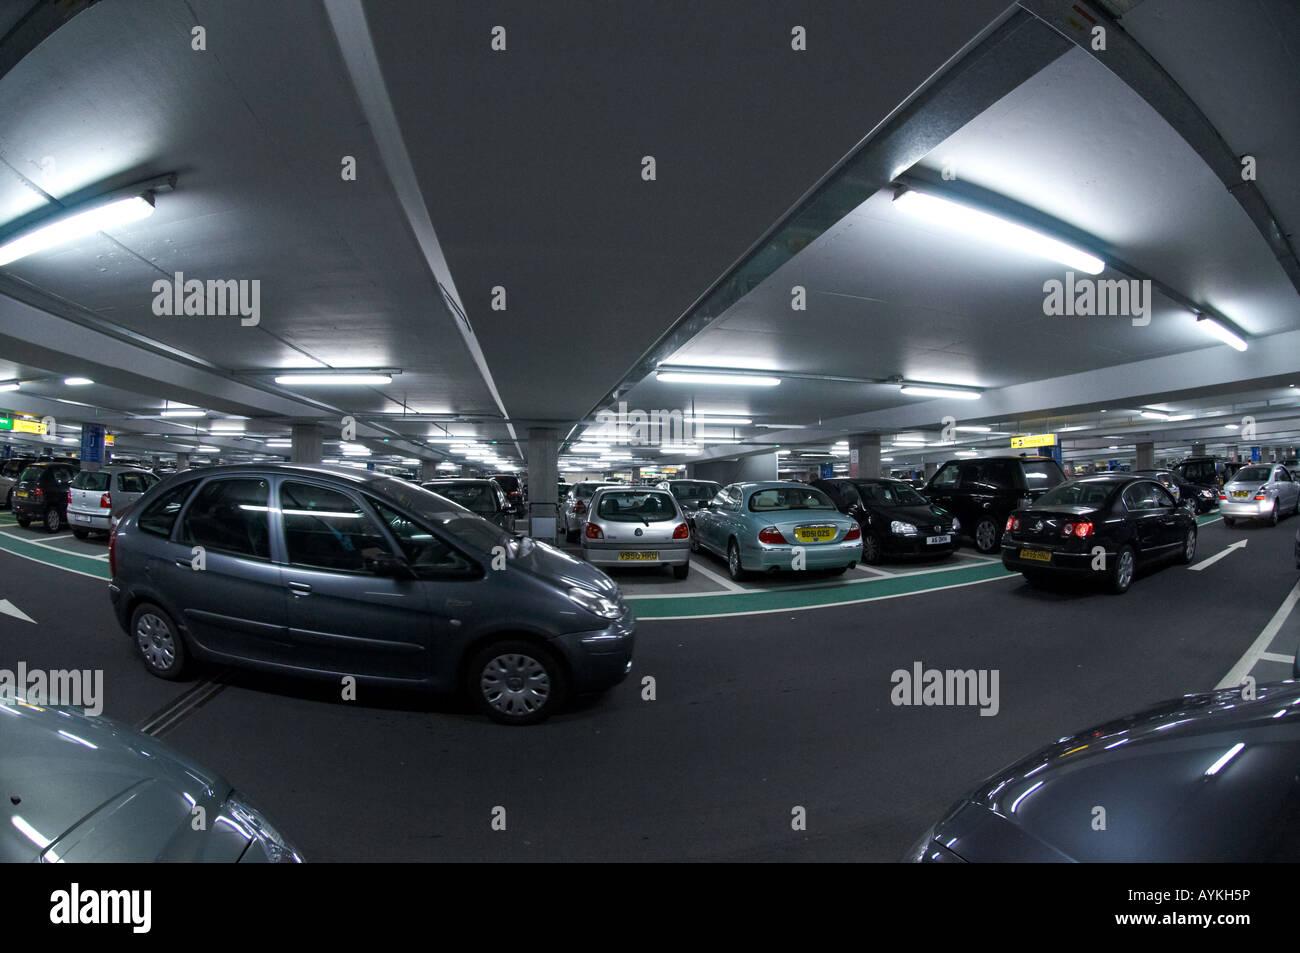 Heathrow Short Stay >> Short Stay Car Park London Heathrow Terminal 5 Stock Photo 17131473